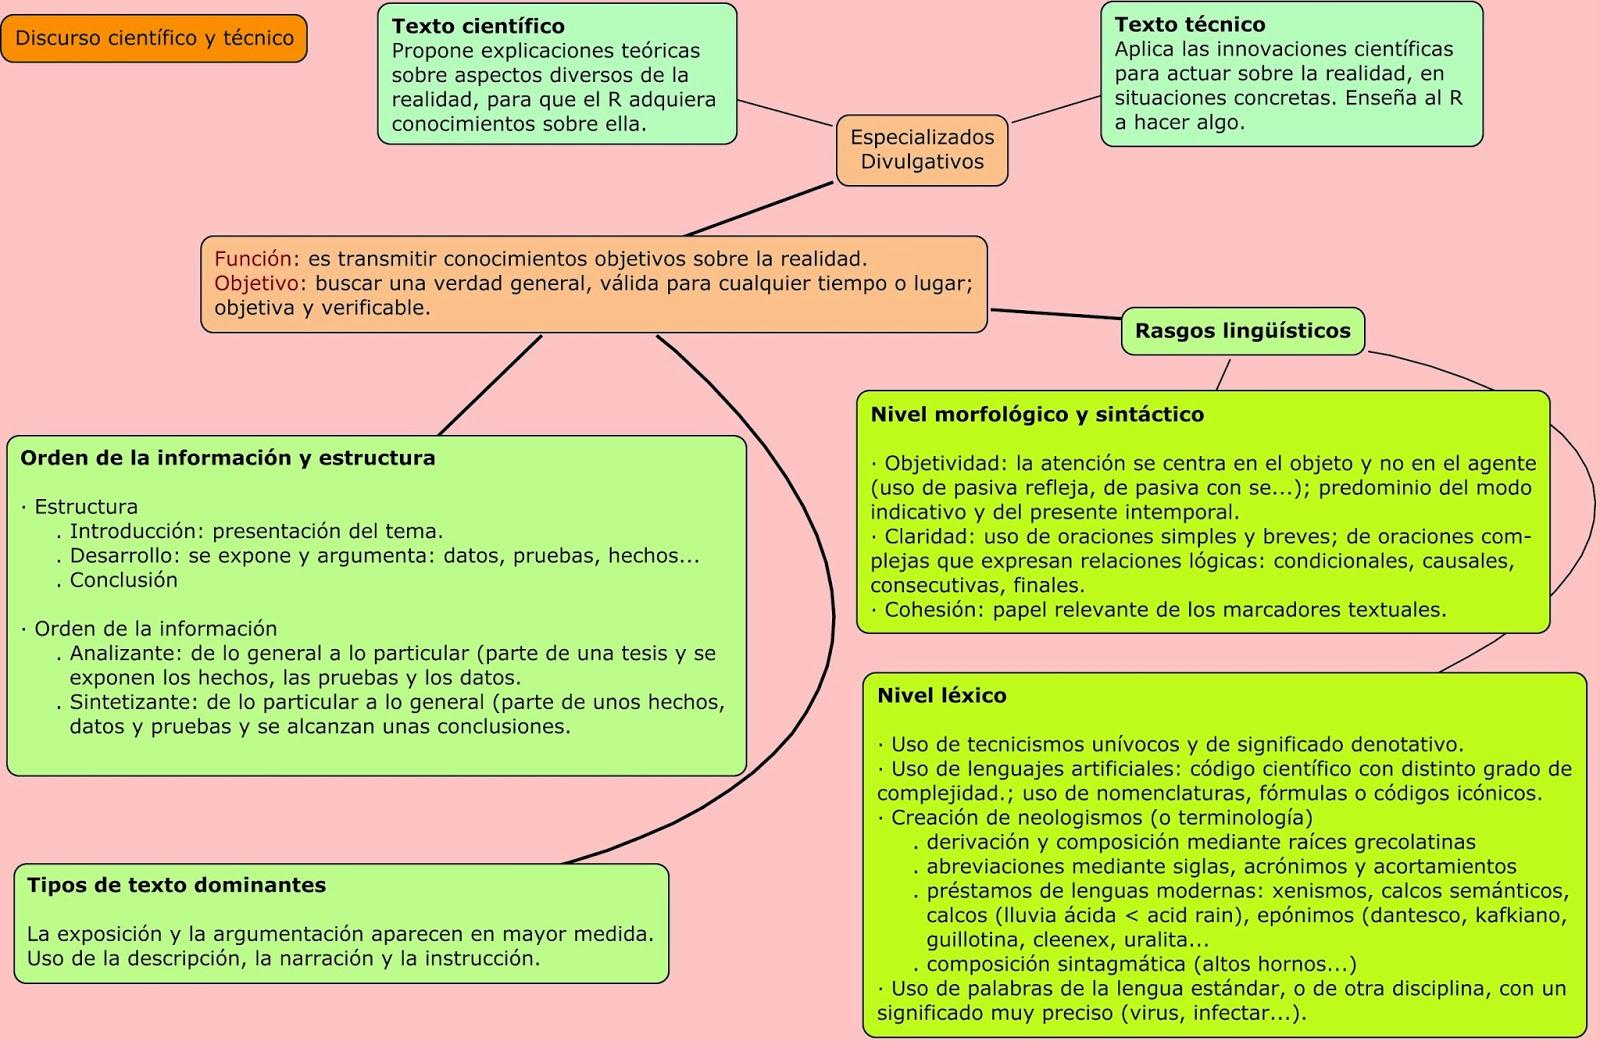 Alumnos en red(ados): Los textos científicos, técnicos y humanísticos